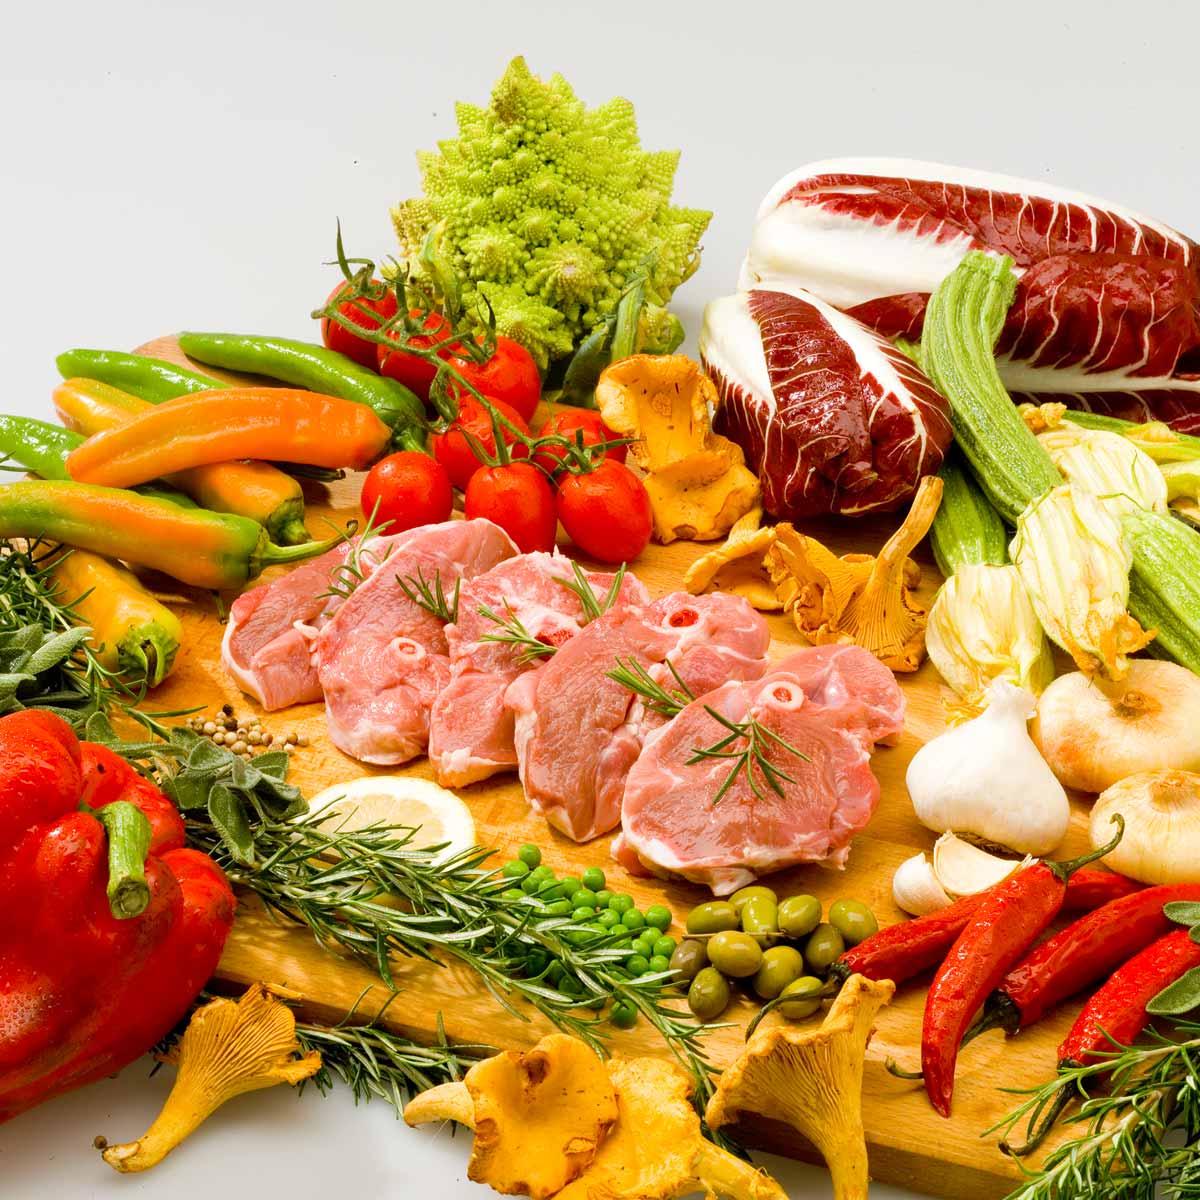 ilco-carni-prodotti-6